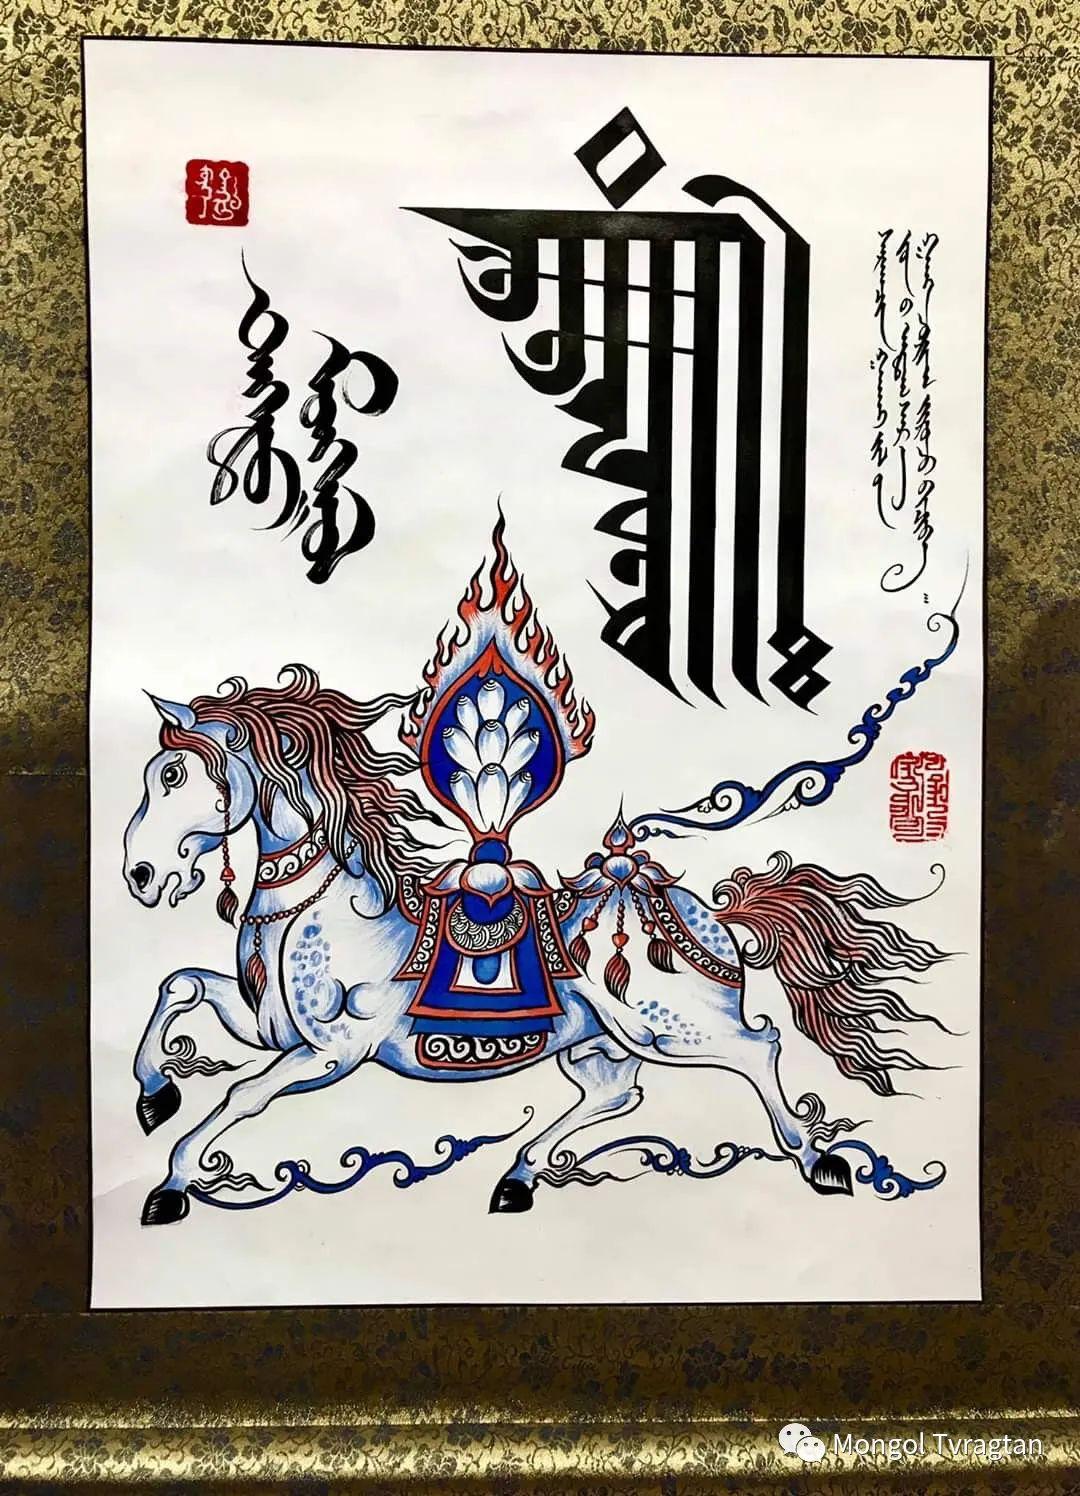 蒙古文书法ᠣᠷᠠᠨ ᠪᠢᠴᠢᠯᠭᠡ- 2 第30张